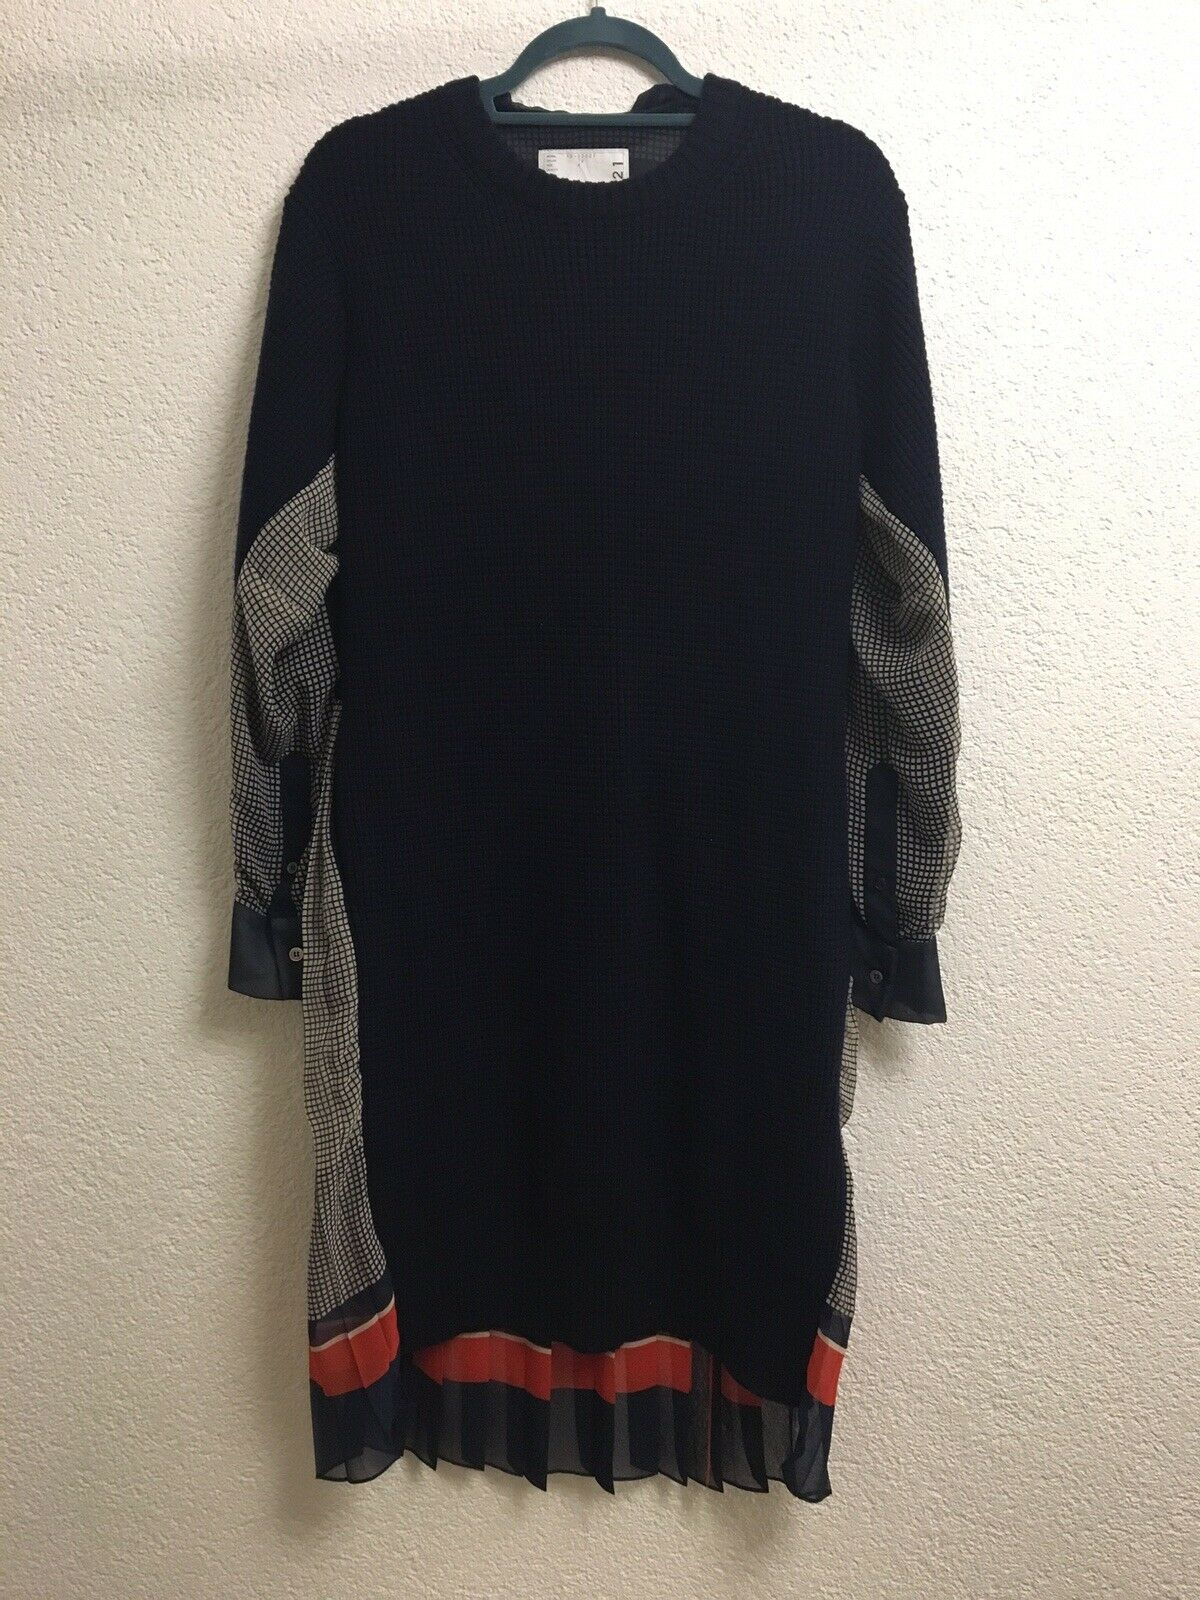 Sacai Dress Size L NEW   Kleid Größe L NEU